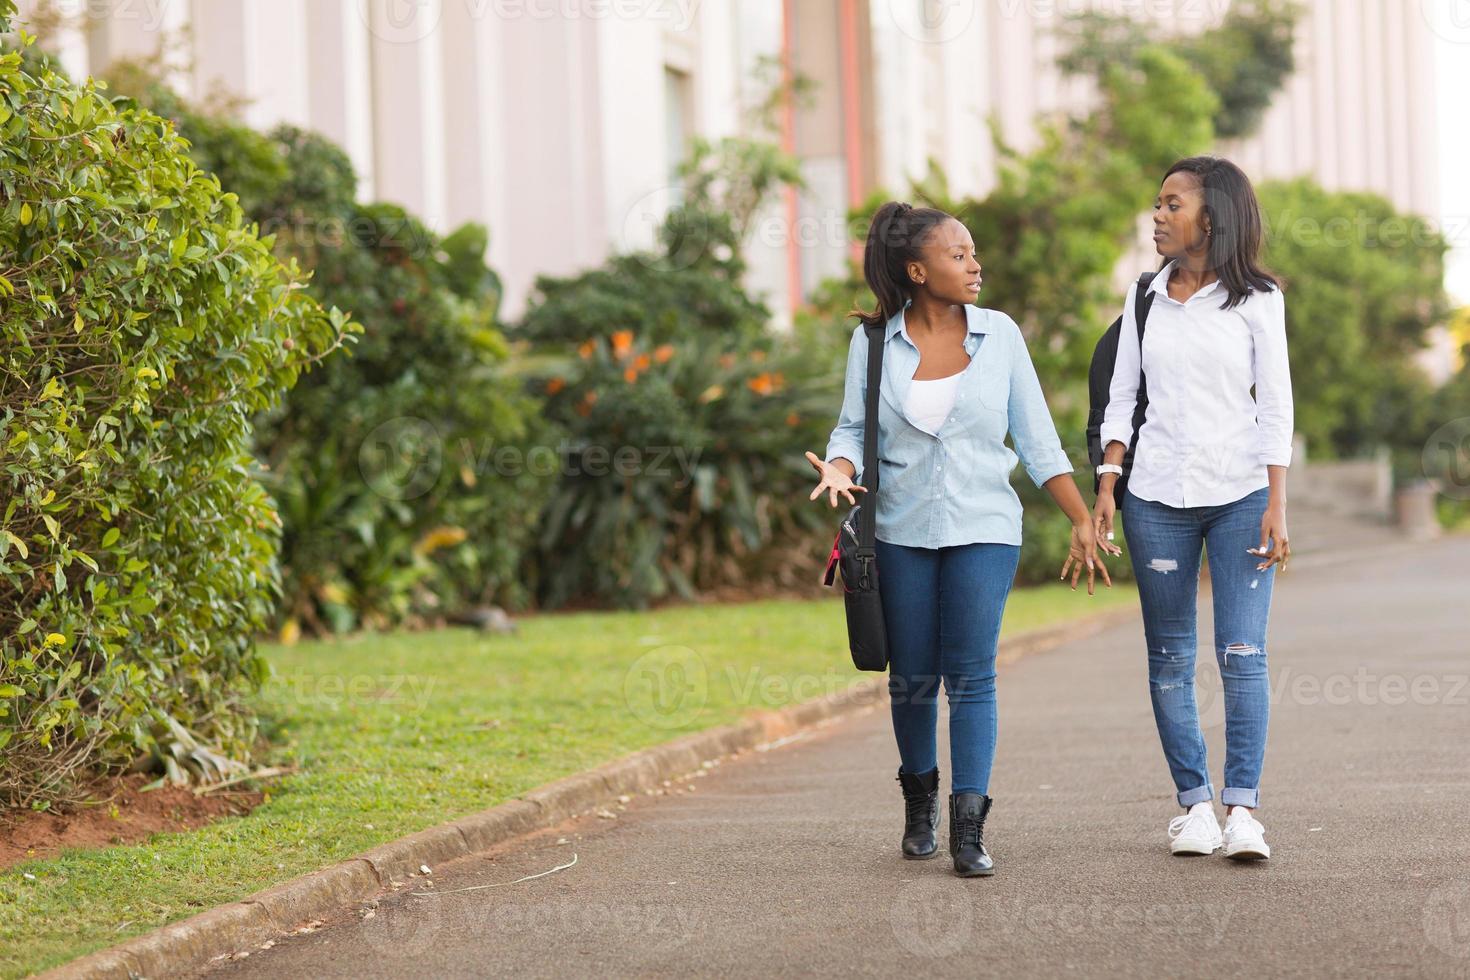 afrikanische College-Studenten, die zusammen gehen foto